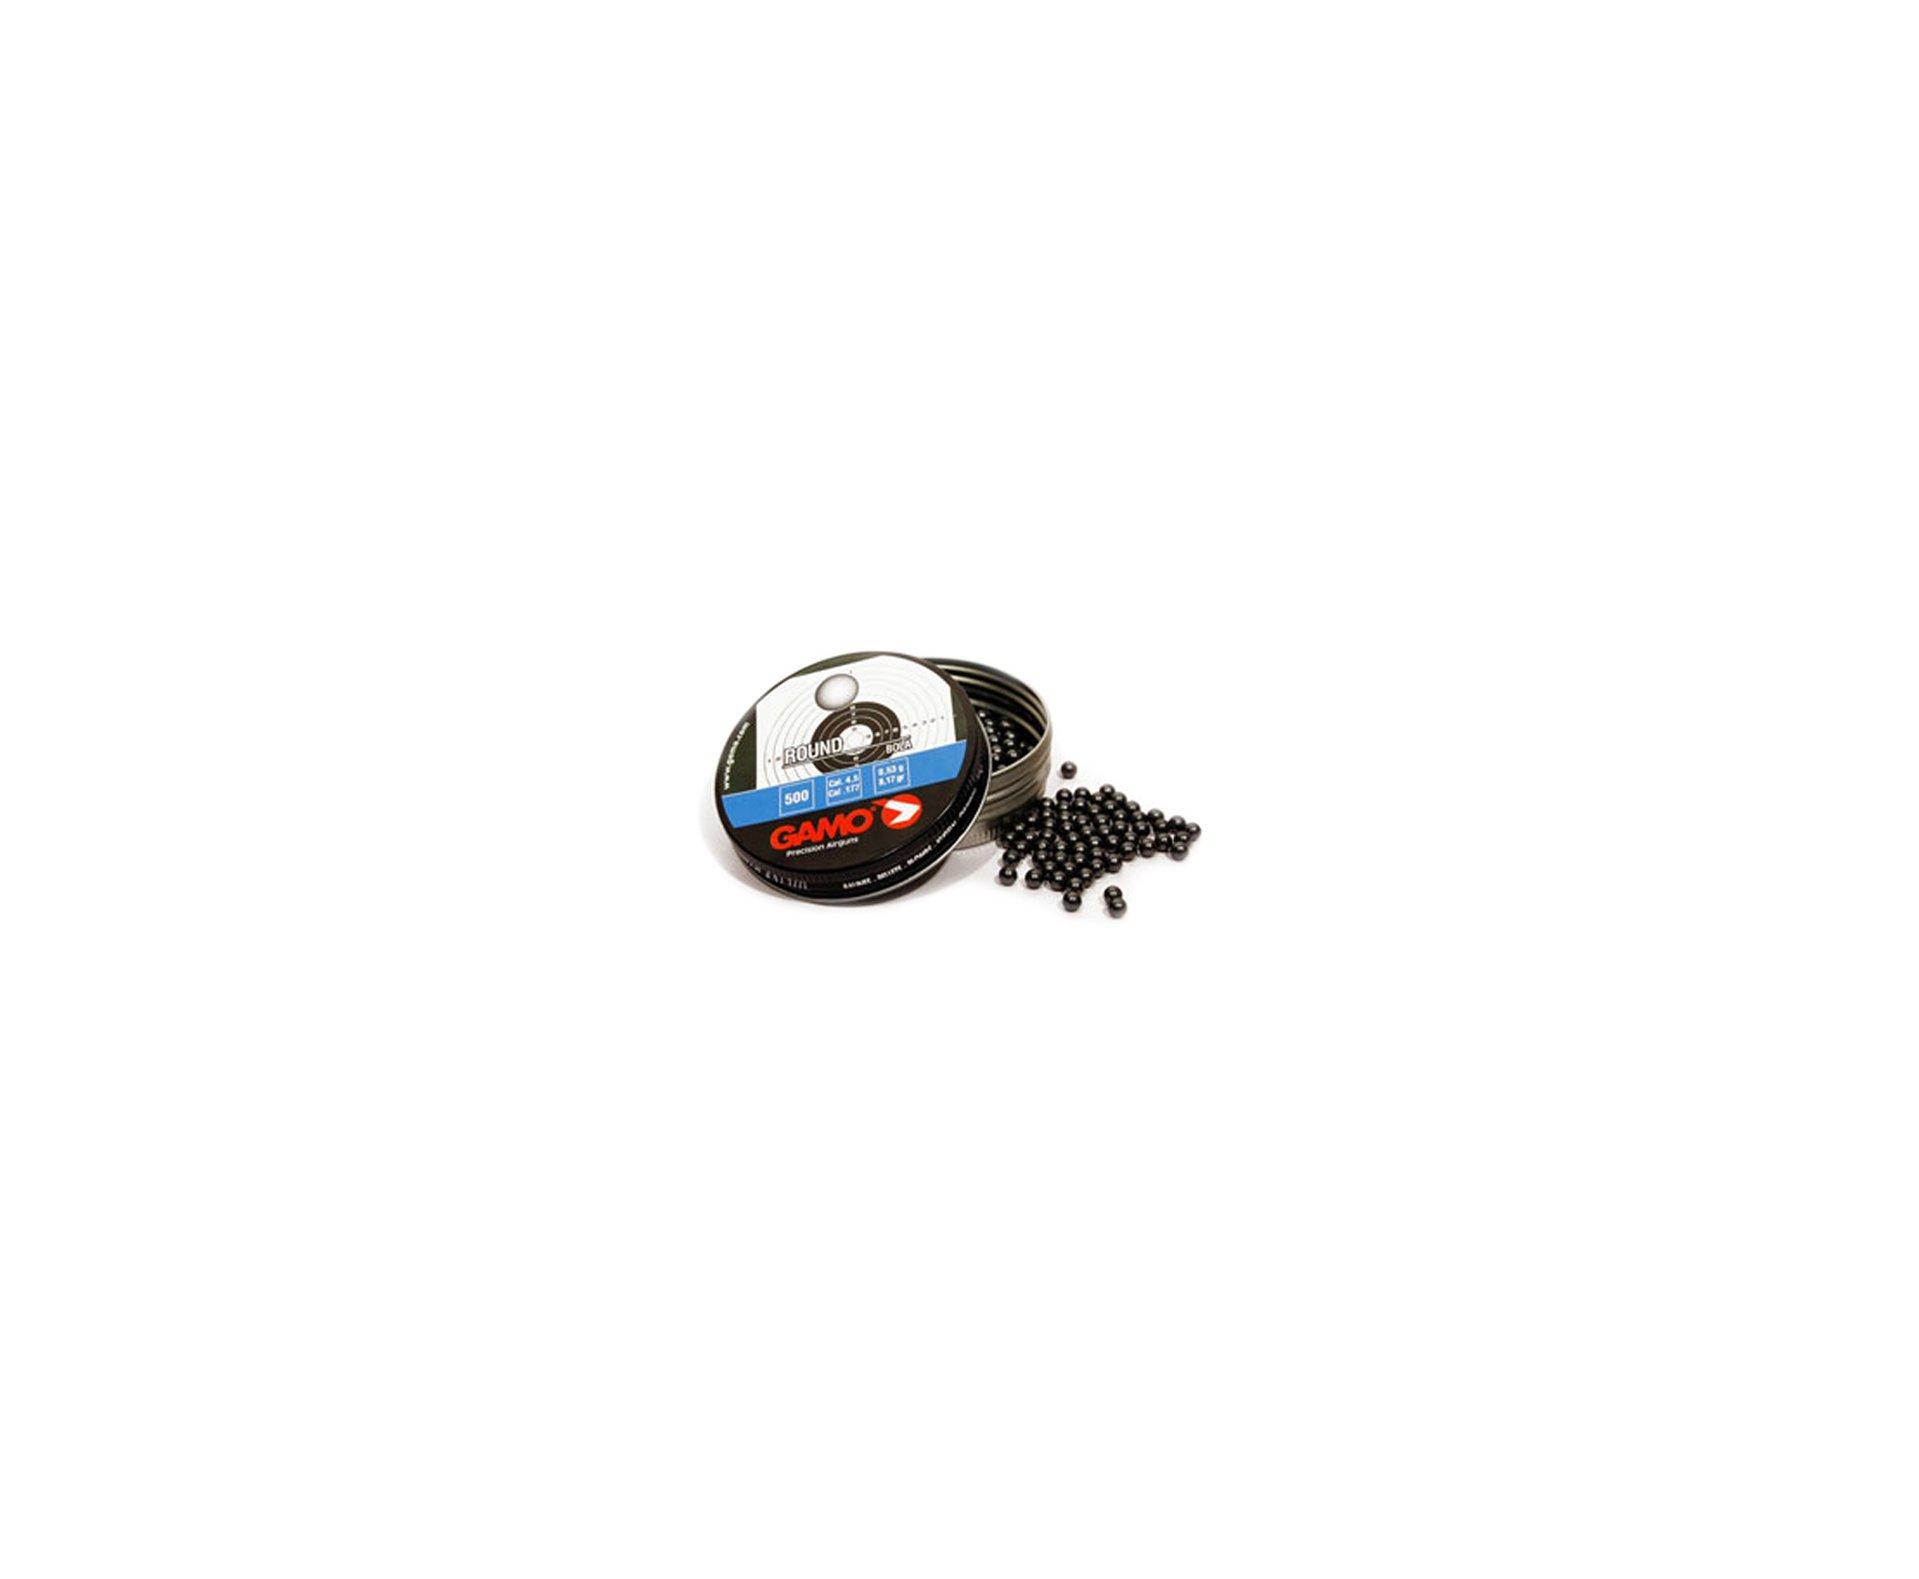 Chumbinho Round - Calibre 4,5 Mm - 250 Unidades - Gamo